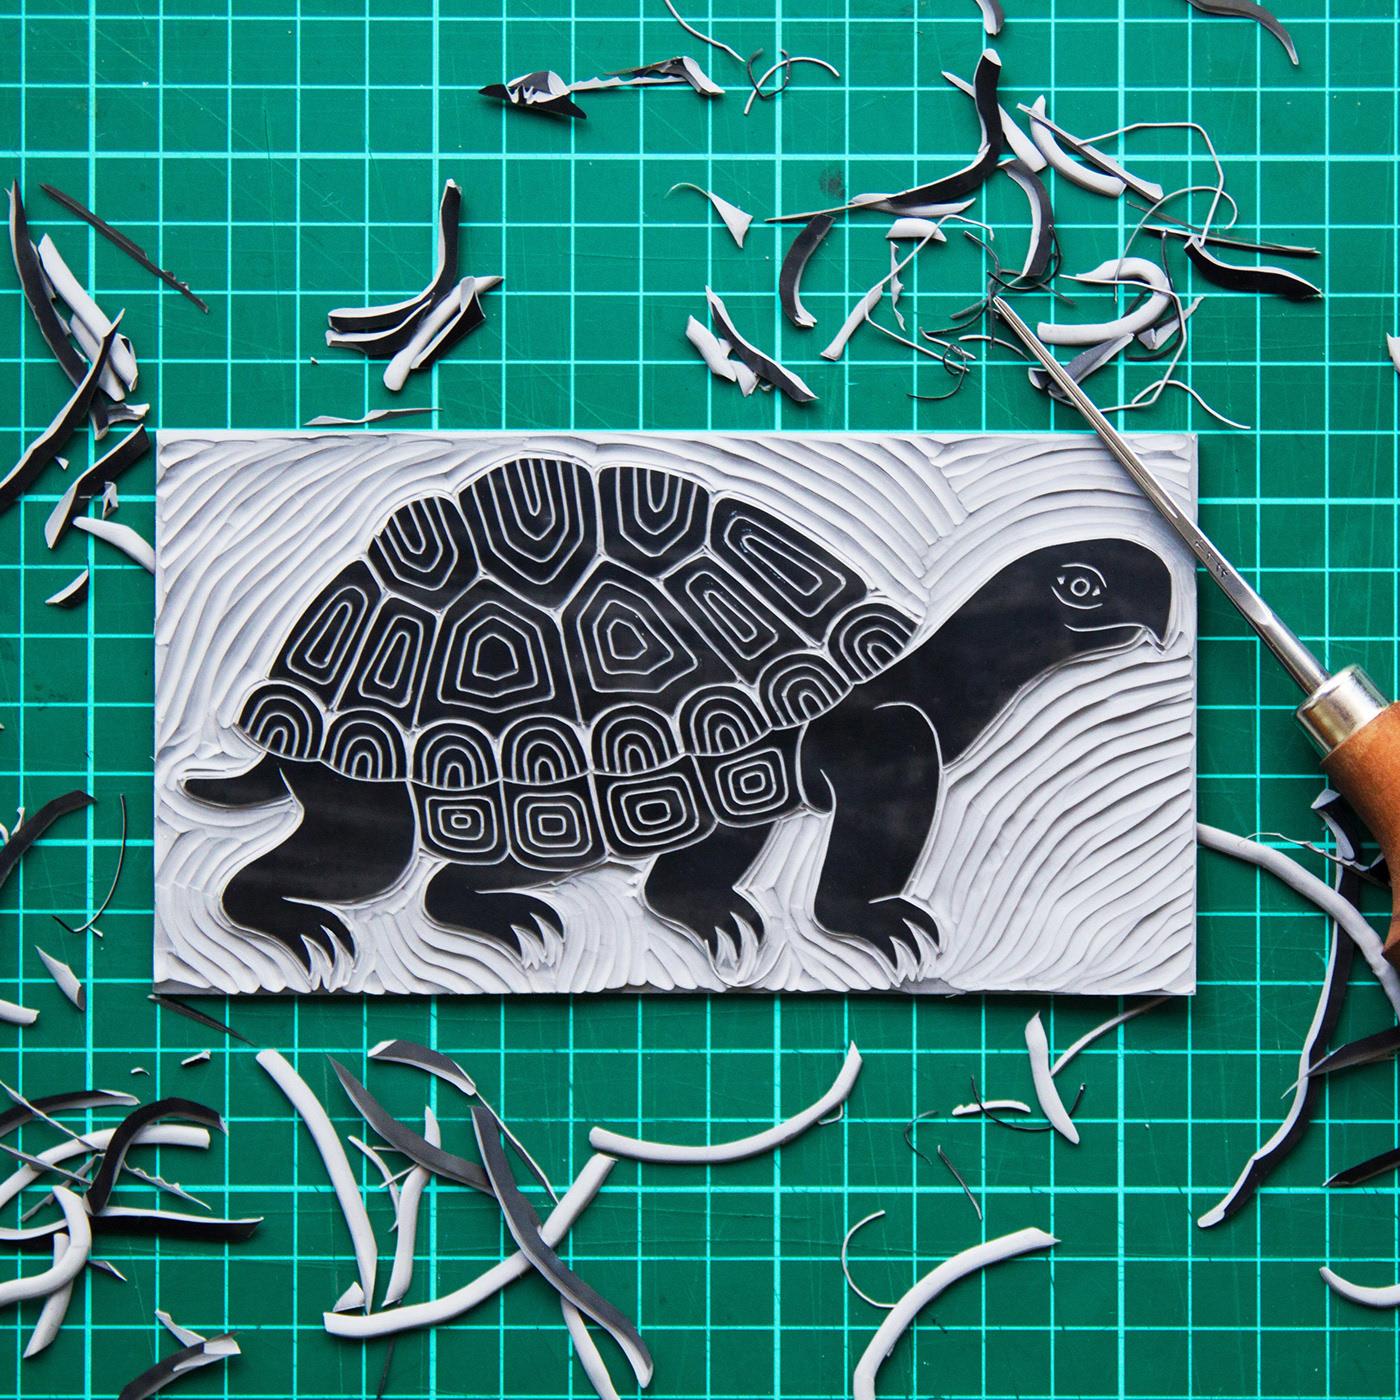 Illustration, Graphic Design, Print Design